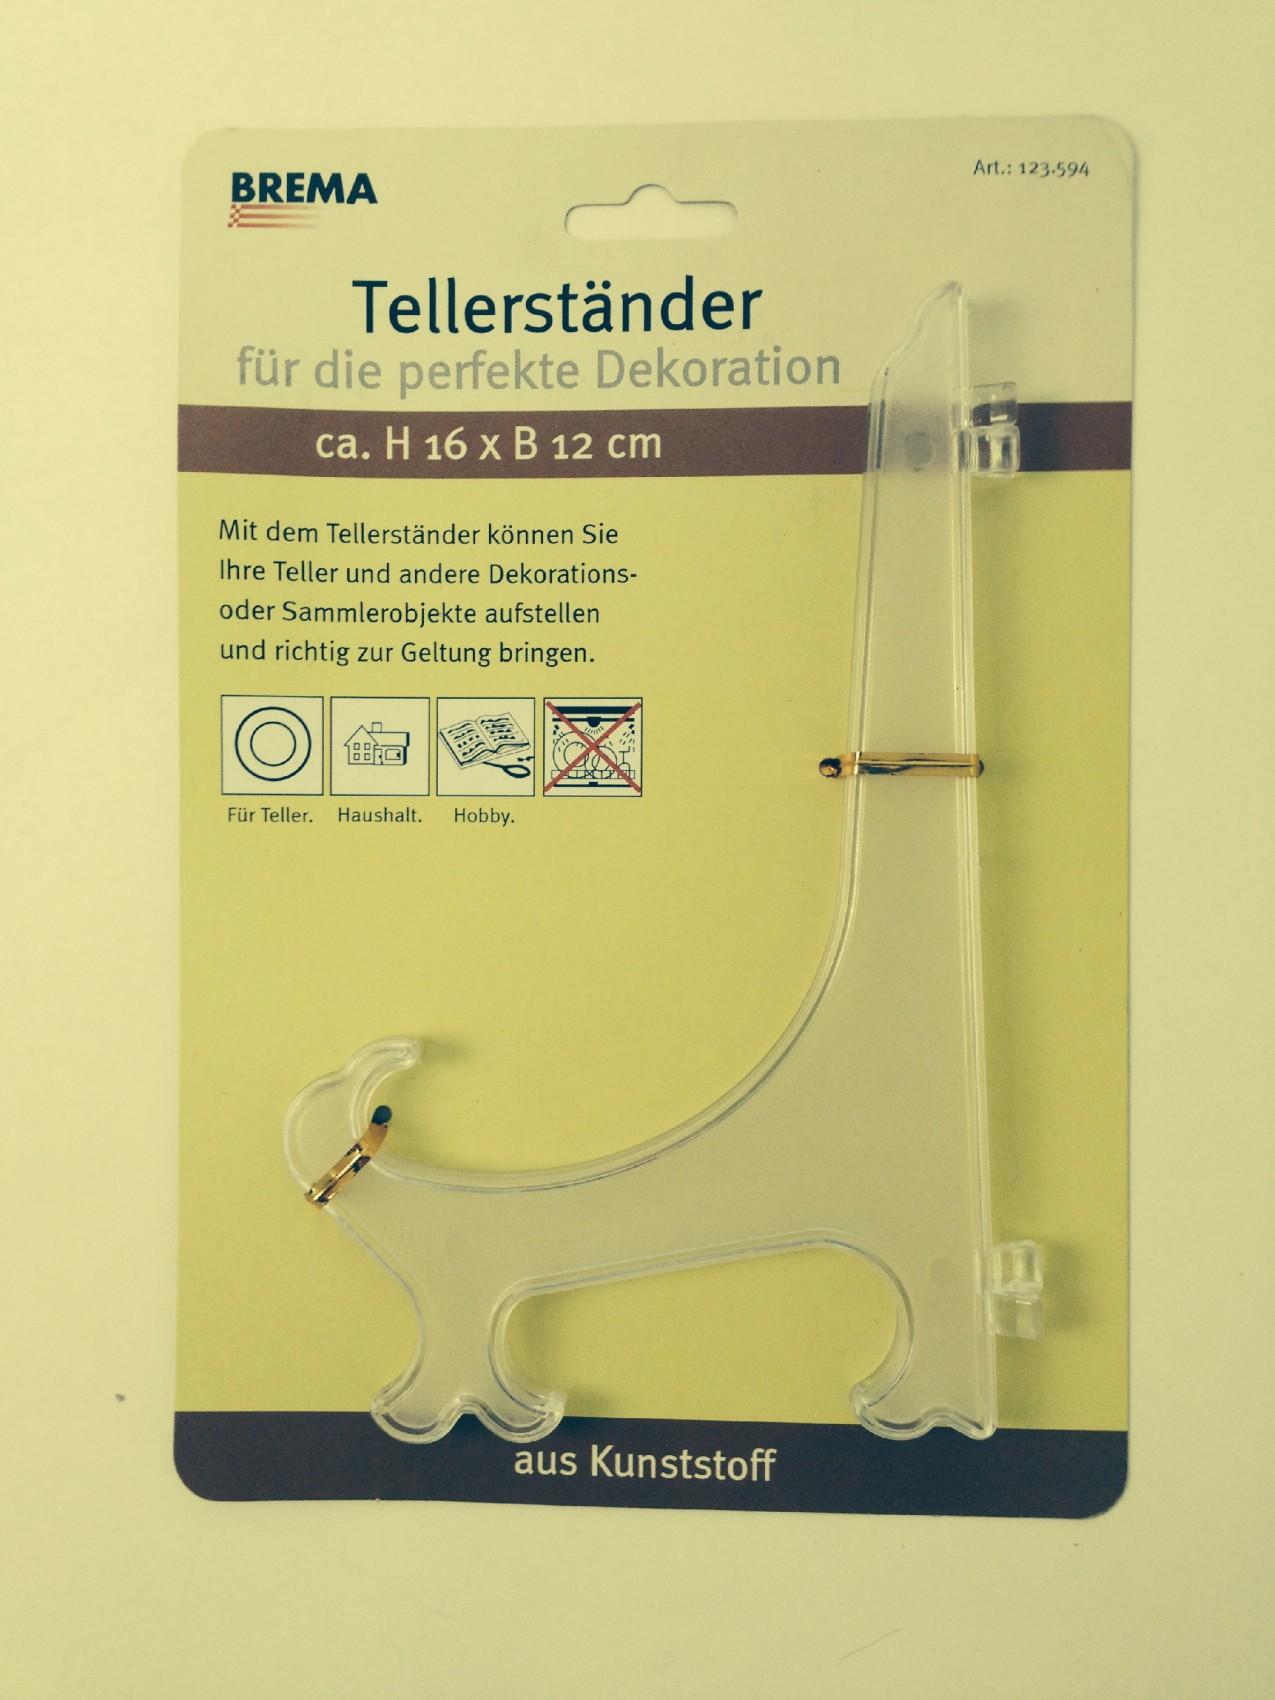 Brema Tellerstaender Tellerständer 123594 Kunst16cm Kaufen Bei